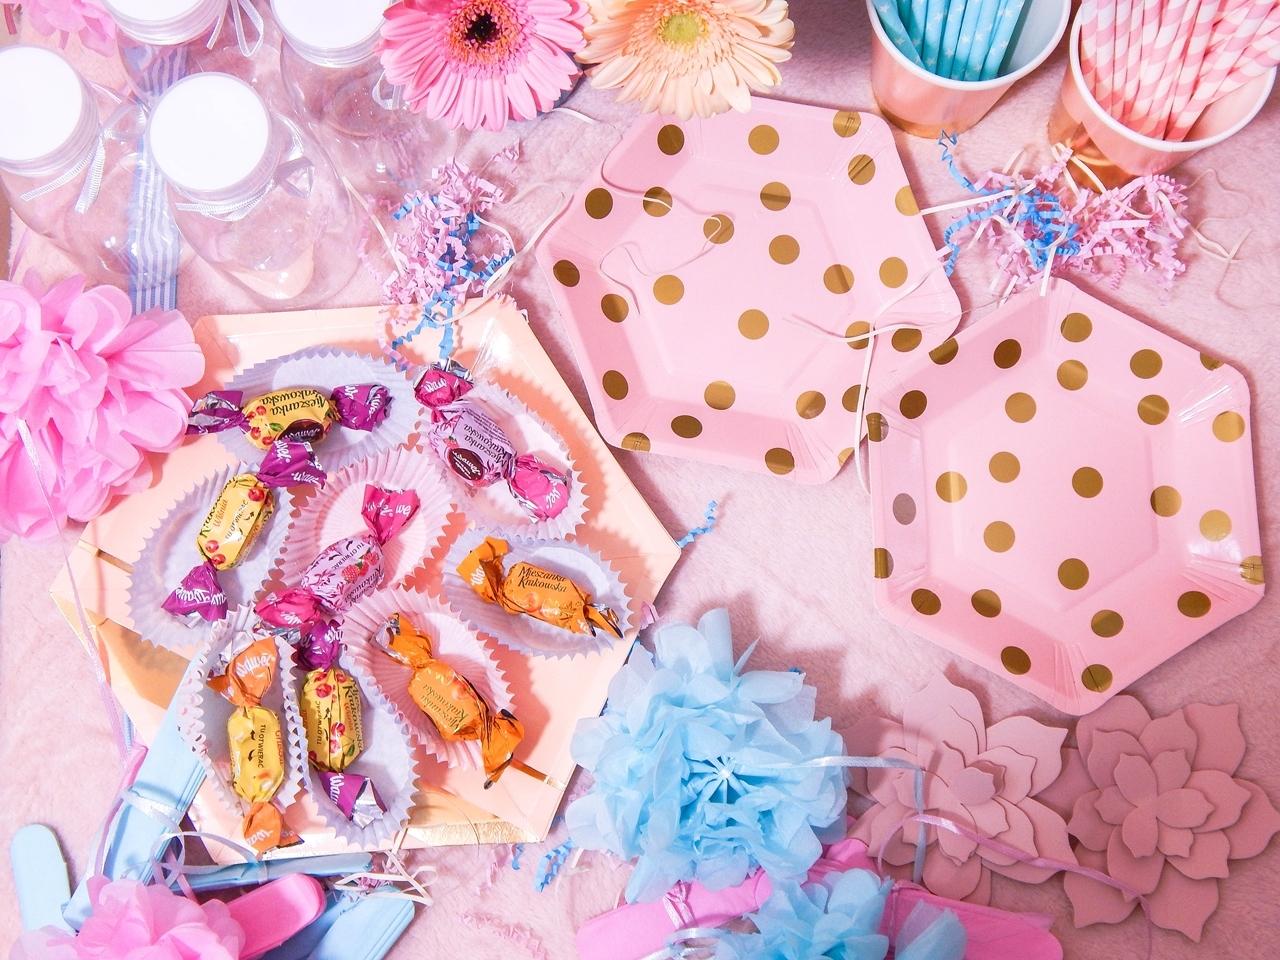 dekoracje urodzinowe dla dzieci dla chłopca dla dziewczynki pomysły dekoracje na roczek jak urządzić przyjęcie urodzinowe partybox kolorowe dekoracje imprezy urodziny roczek babyshower